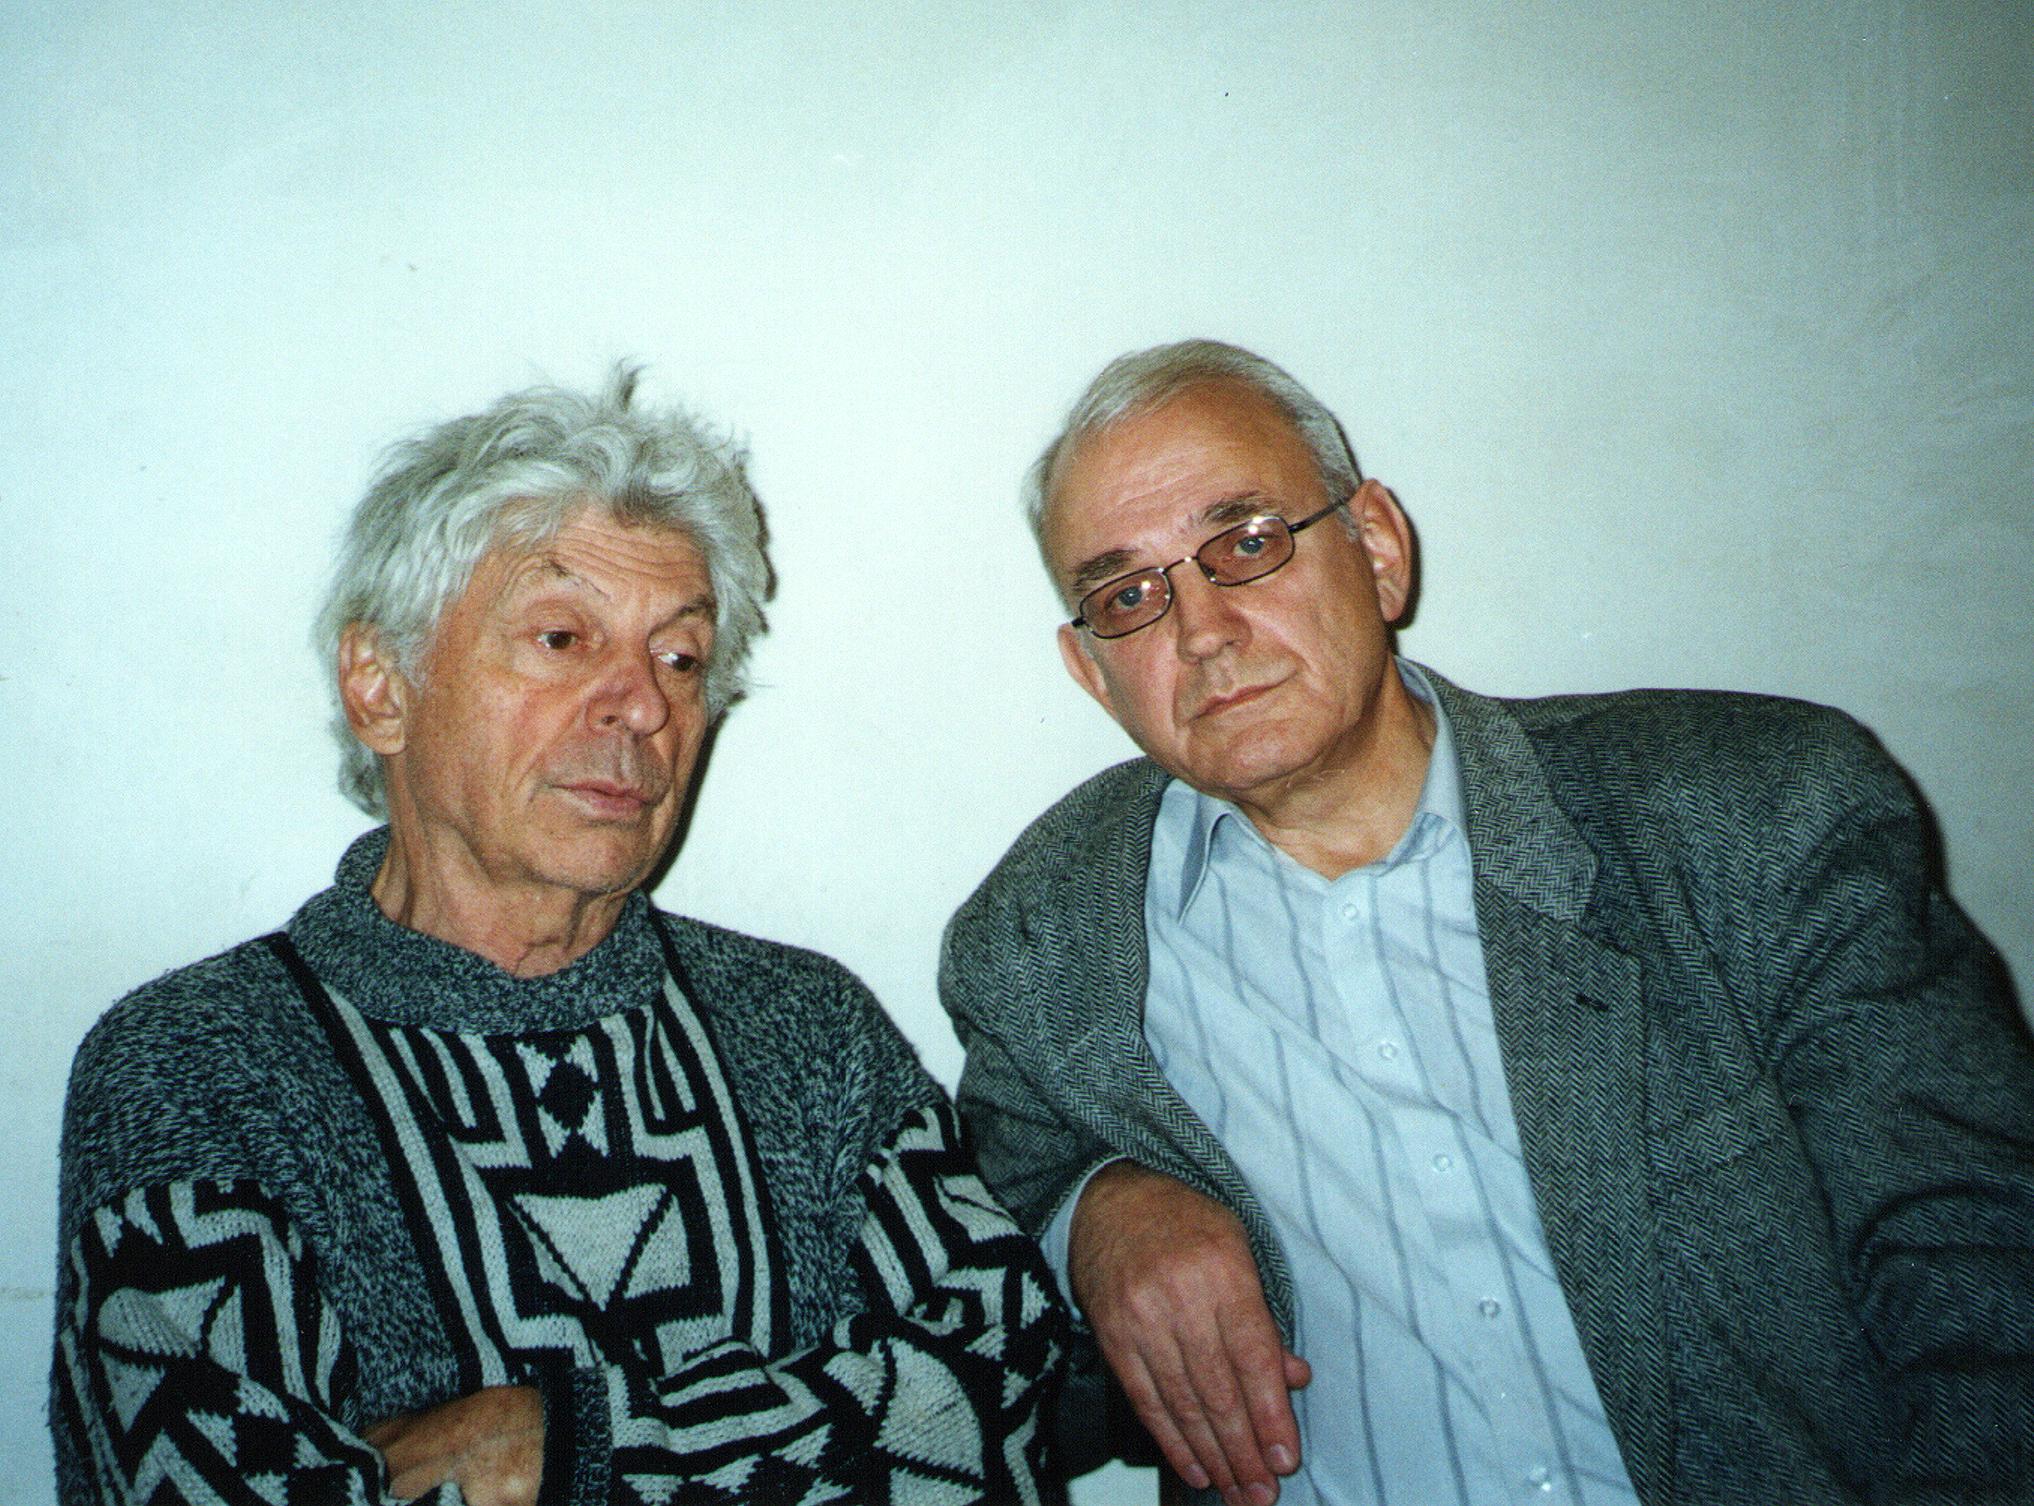 bachurin-evgeniy-1-kuvaldin-masterskaya-2001